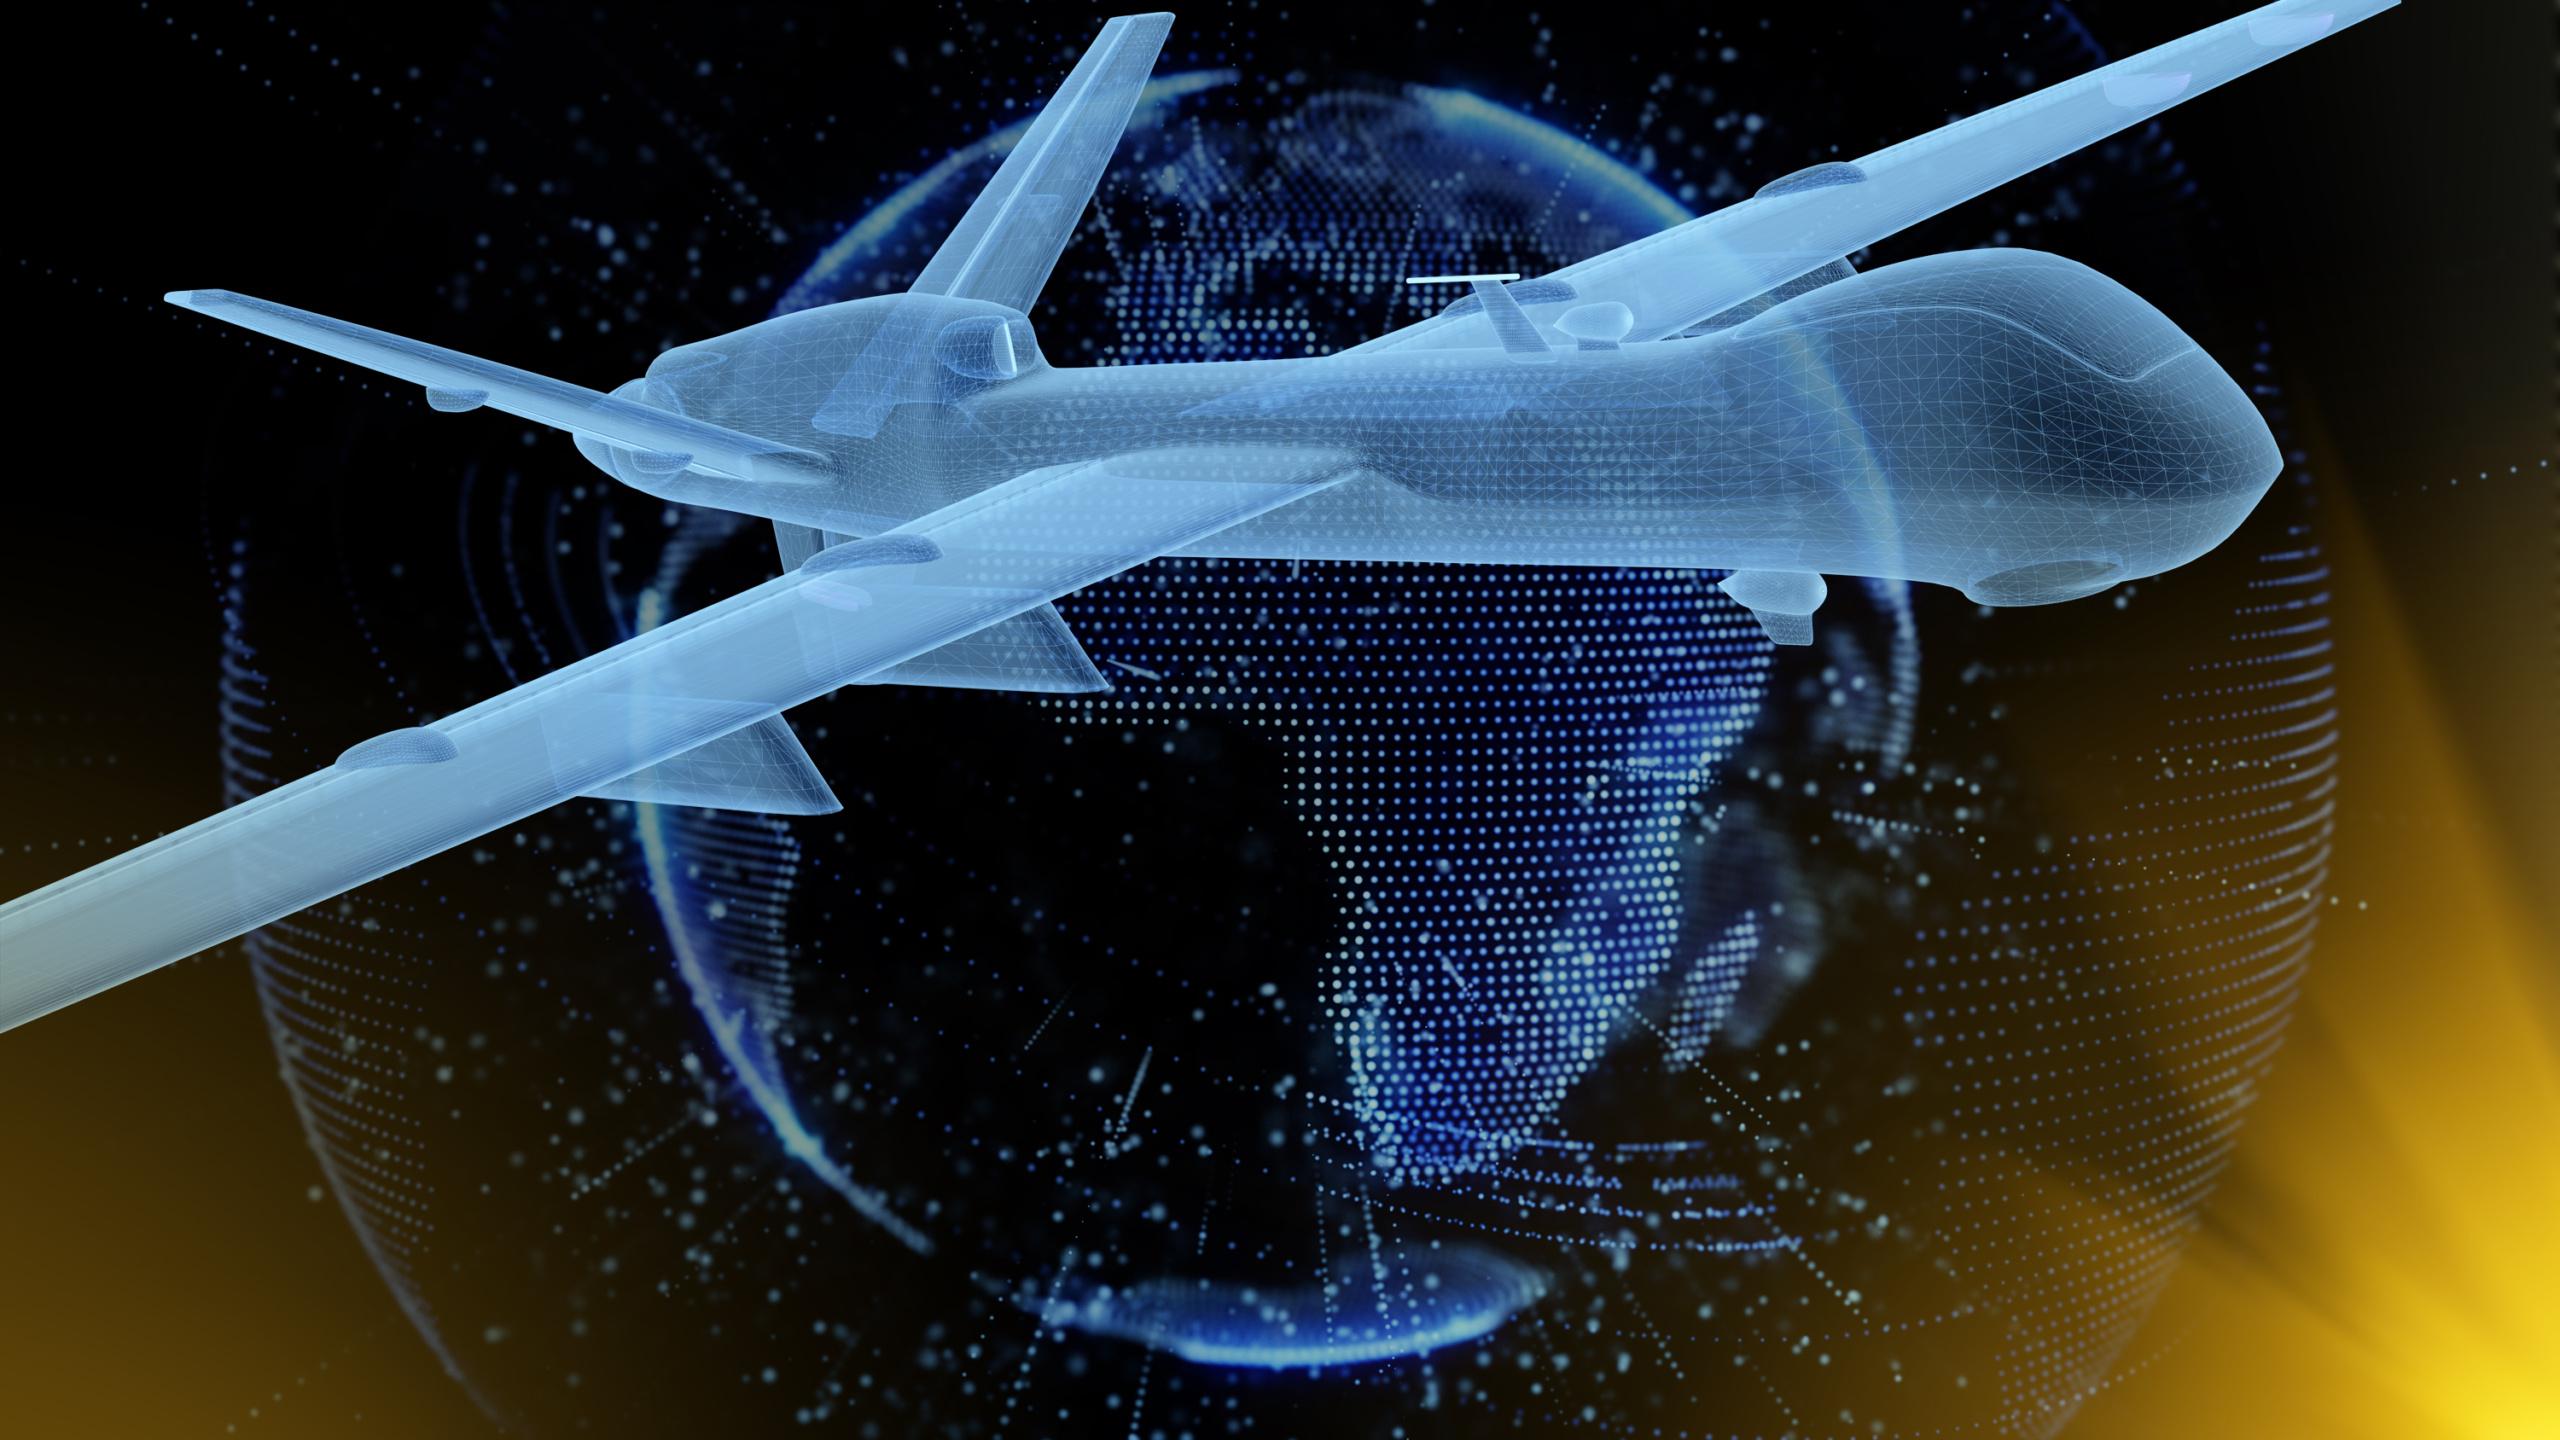 UAV under digital earth